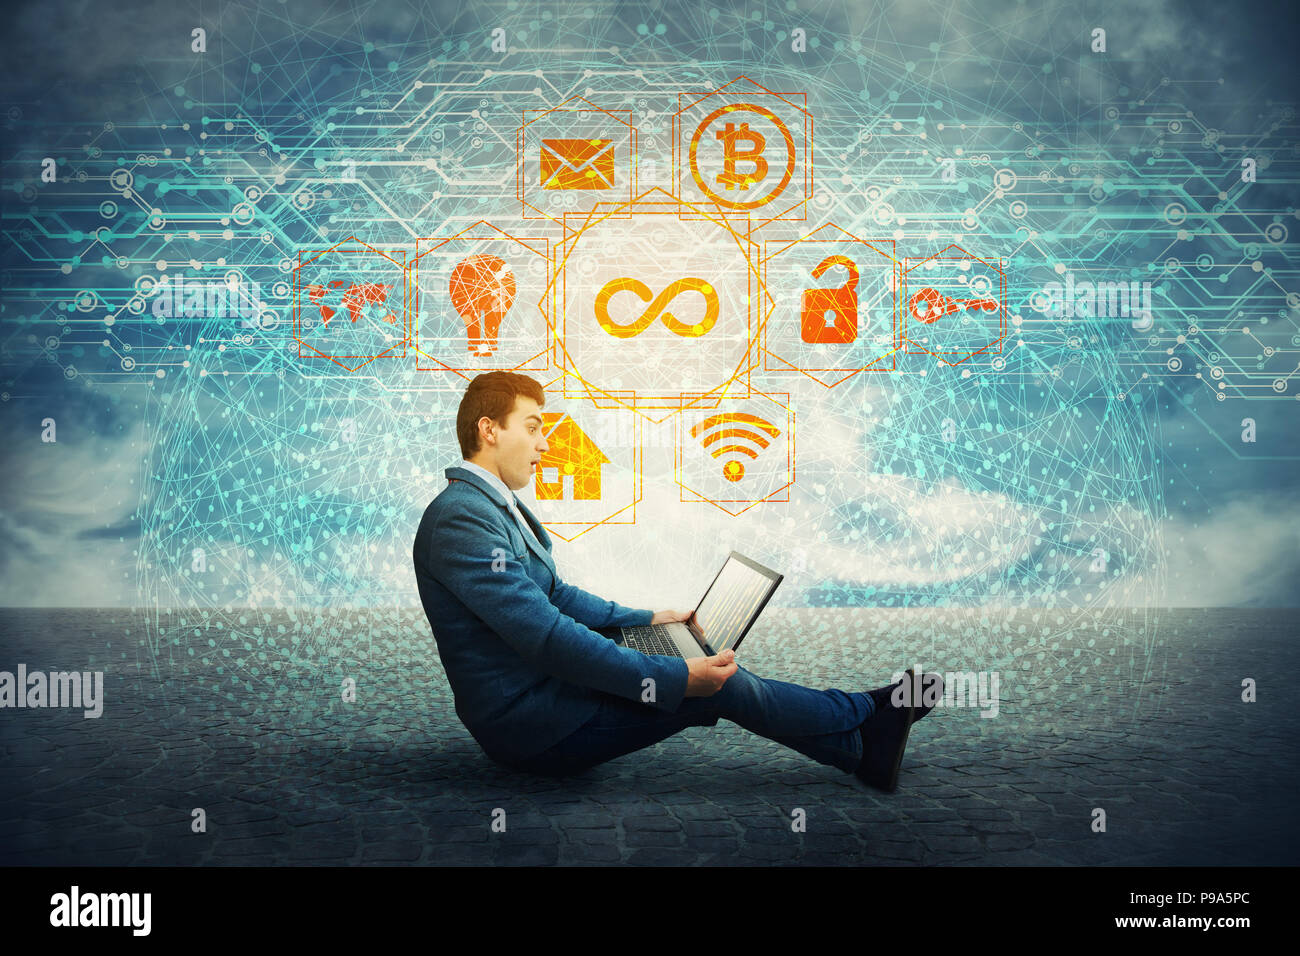 L'élève surpris à regarder un ordinateur portable comme hologramme réalistes qui sortent de l'écran. Monde Moderne des loisirs et des affaires de la technologie informatique. Infinite Photo Stock